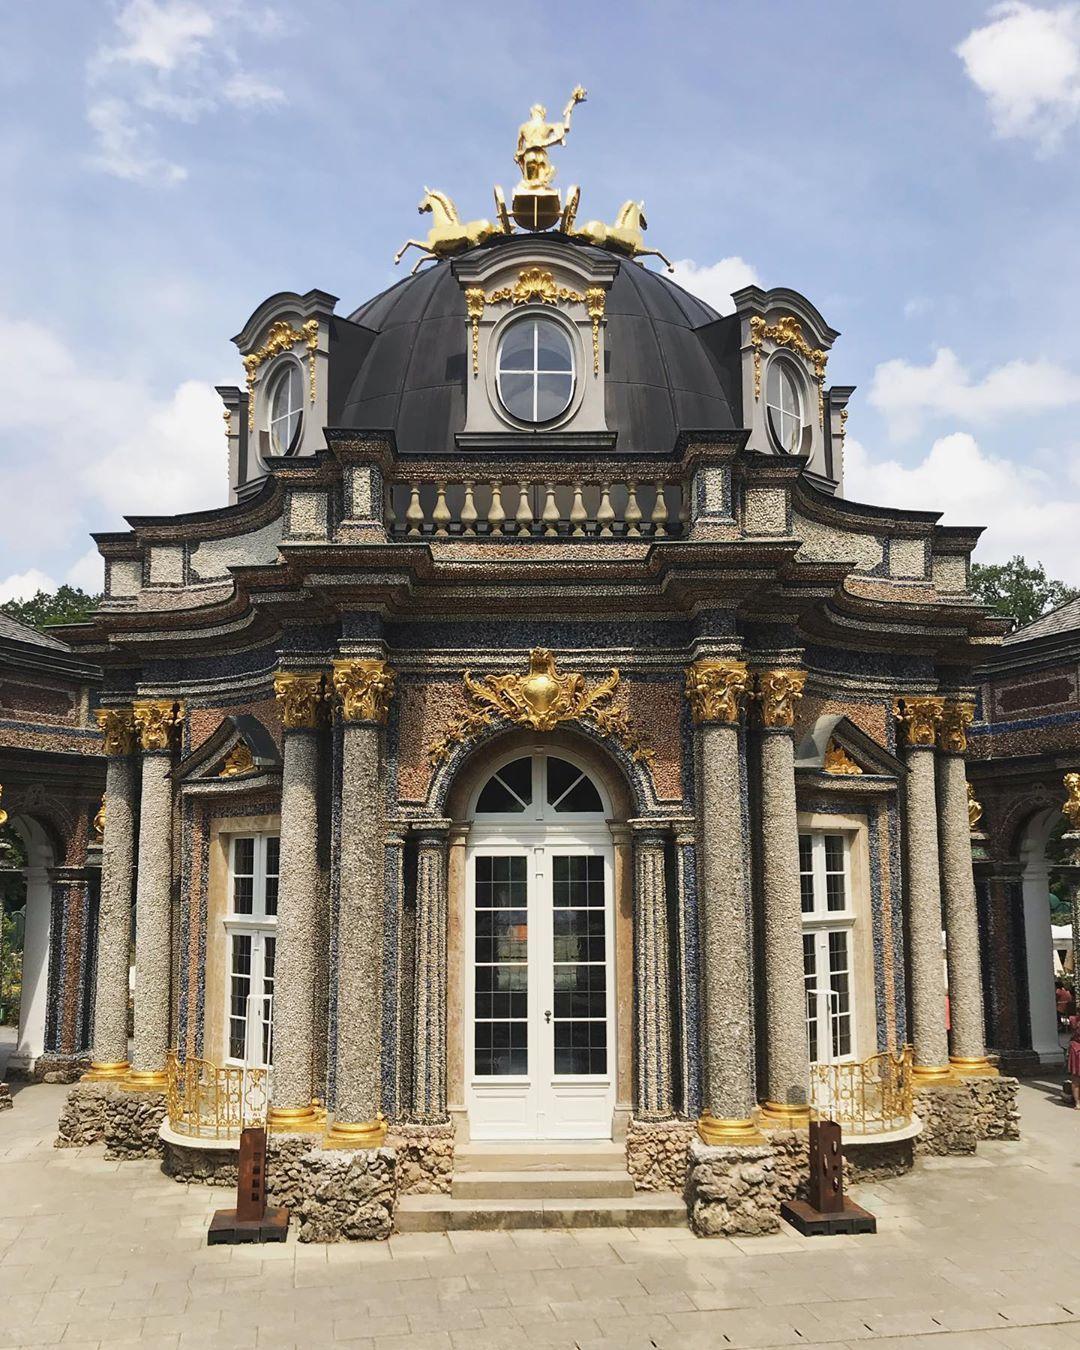 Die Eremitage In Bayreuth Wirklich Super Schon Eremitage Bayreuth Barock Architektur Park Garten Sommer Wochende S Hermitage Bayreuth Building